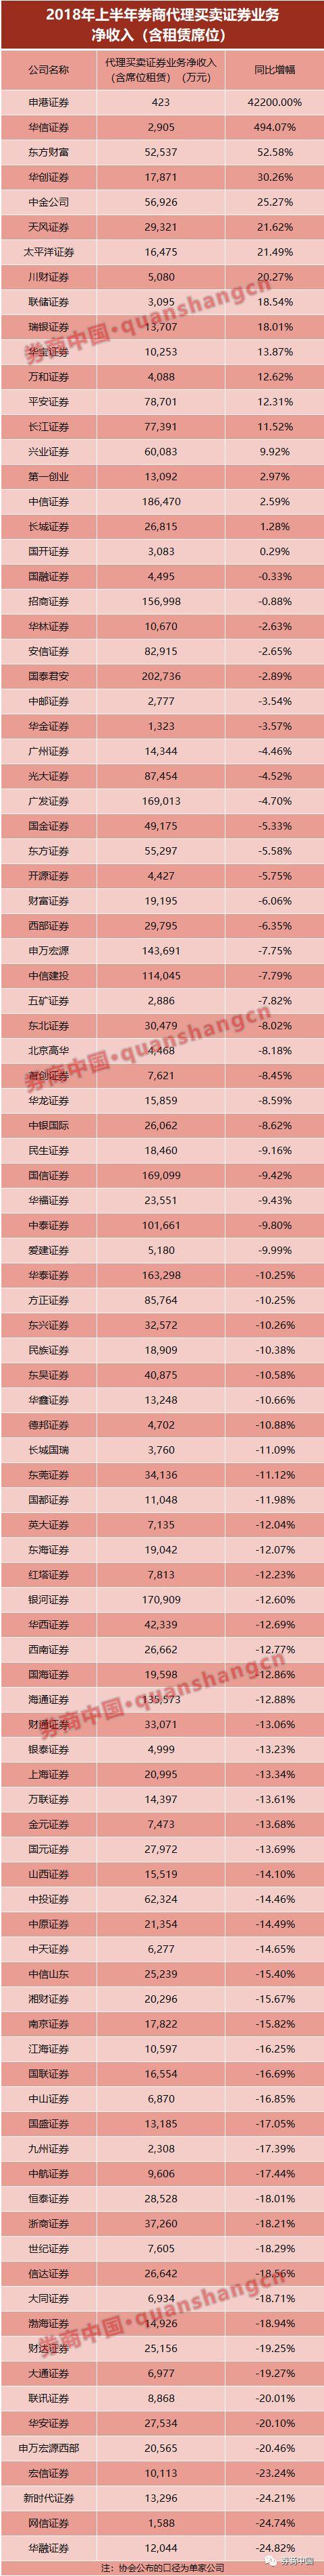 一开门就亏钱:上海地区四成证券营业部亏损 佣金走低